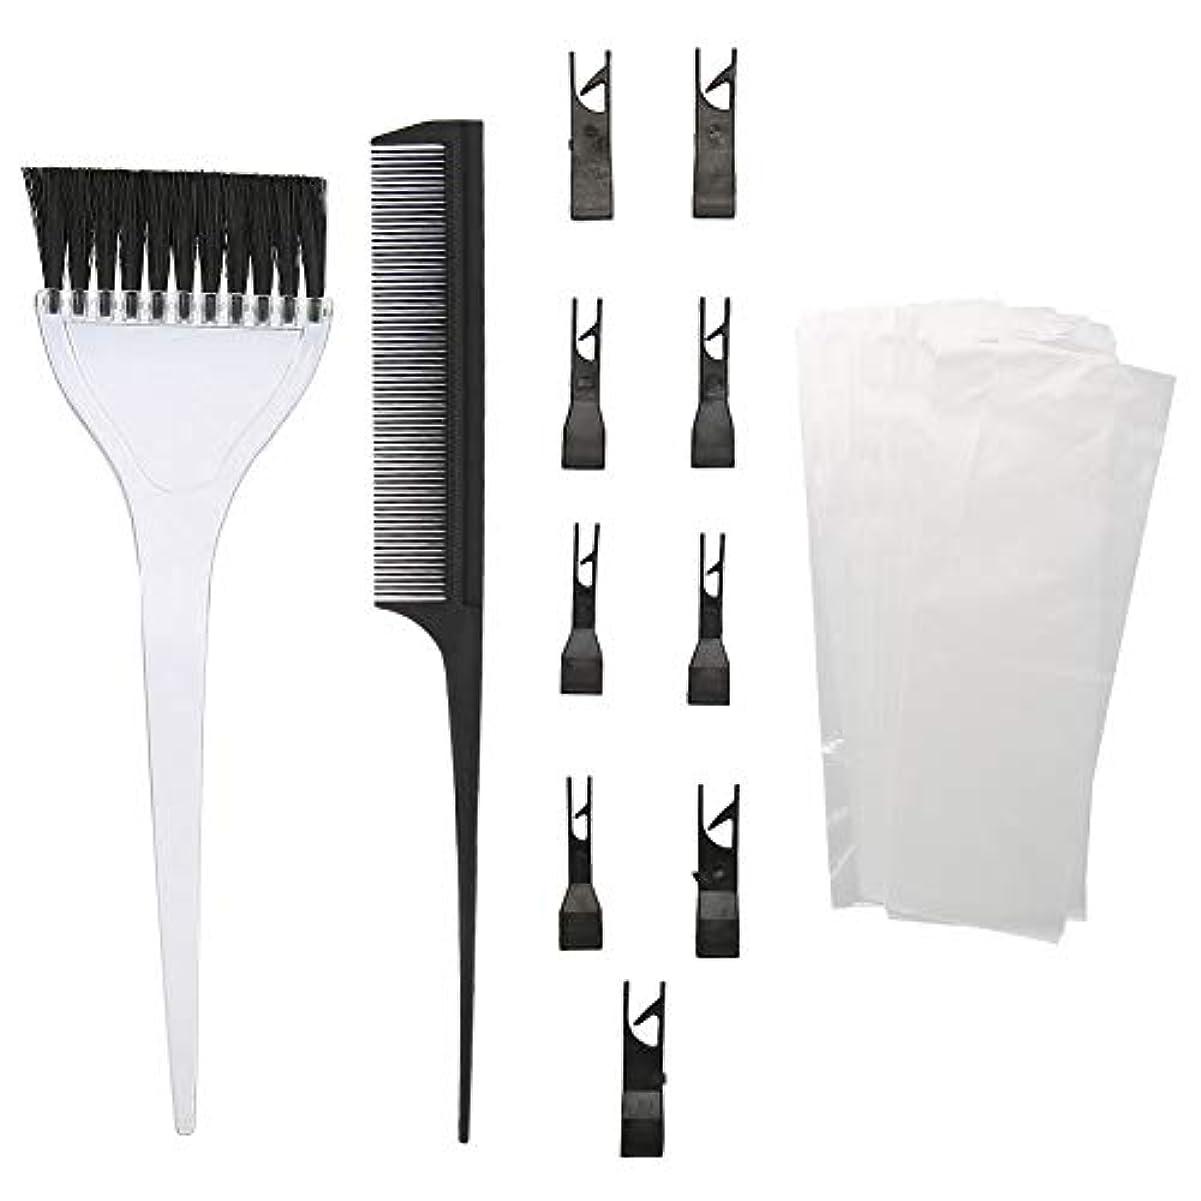 有益なメイン反応するヘアハイライト染料ツールカラーペーパー櫛セット